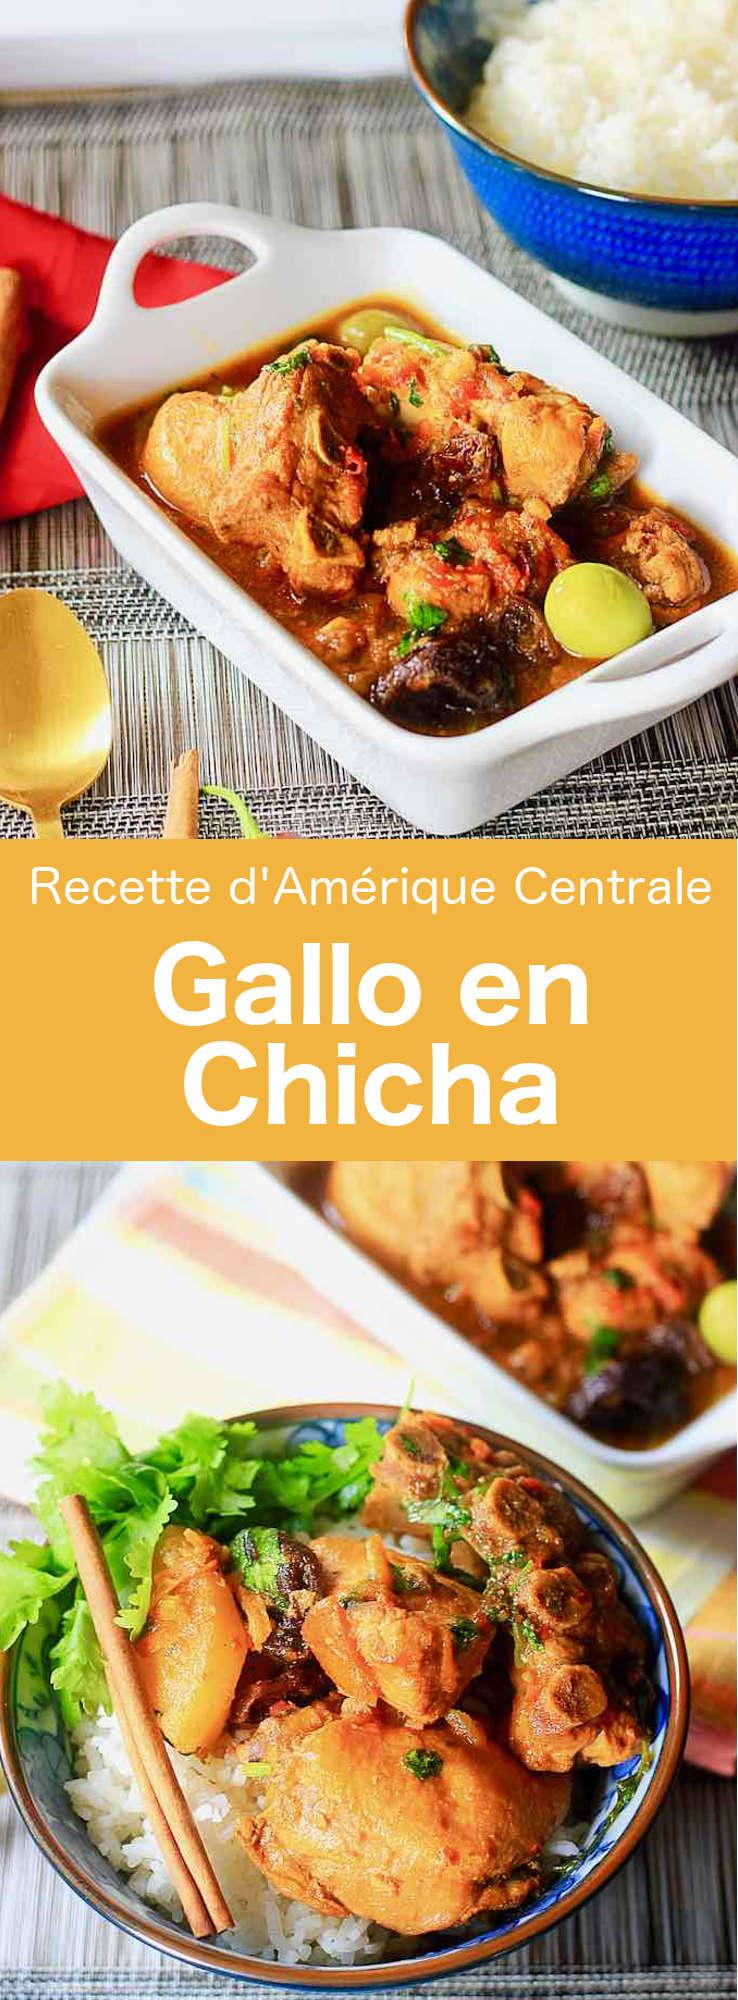 Le gallo en chicha est un délicieux plat de poulet traditionnel du Salvador, ainsi que d'autres pays d'Amérique centrale, comme le Guatemala. #Guatemala #Salvador #CuisineGuatemalteque #CuisineSalvadorienne #AmeriqueCentrale #CuisineDuMonde #196flavors